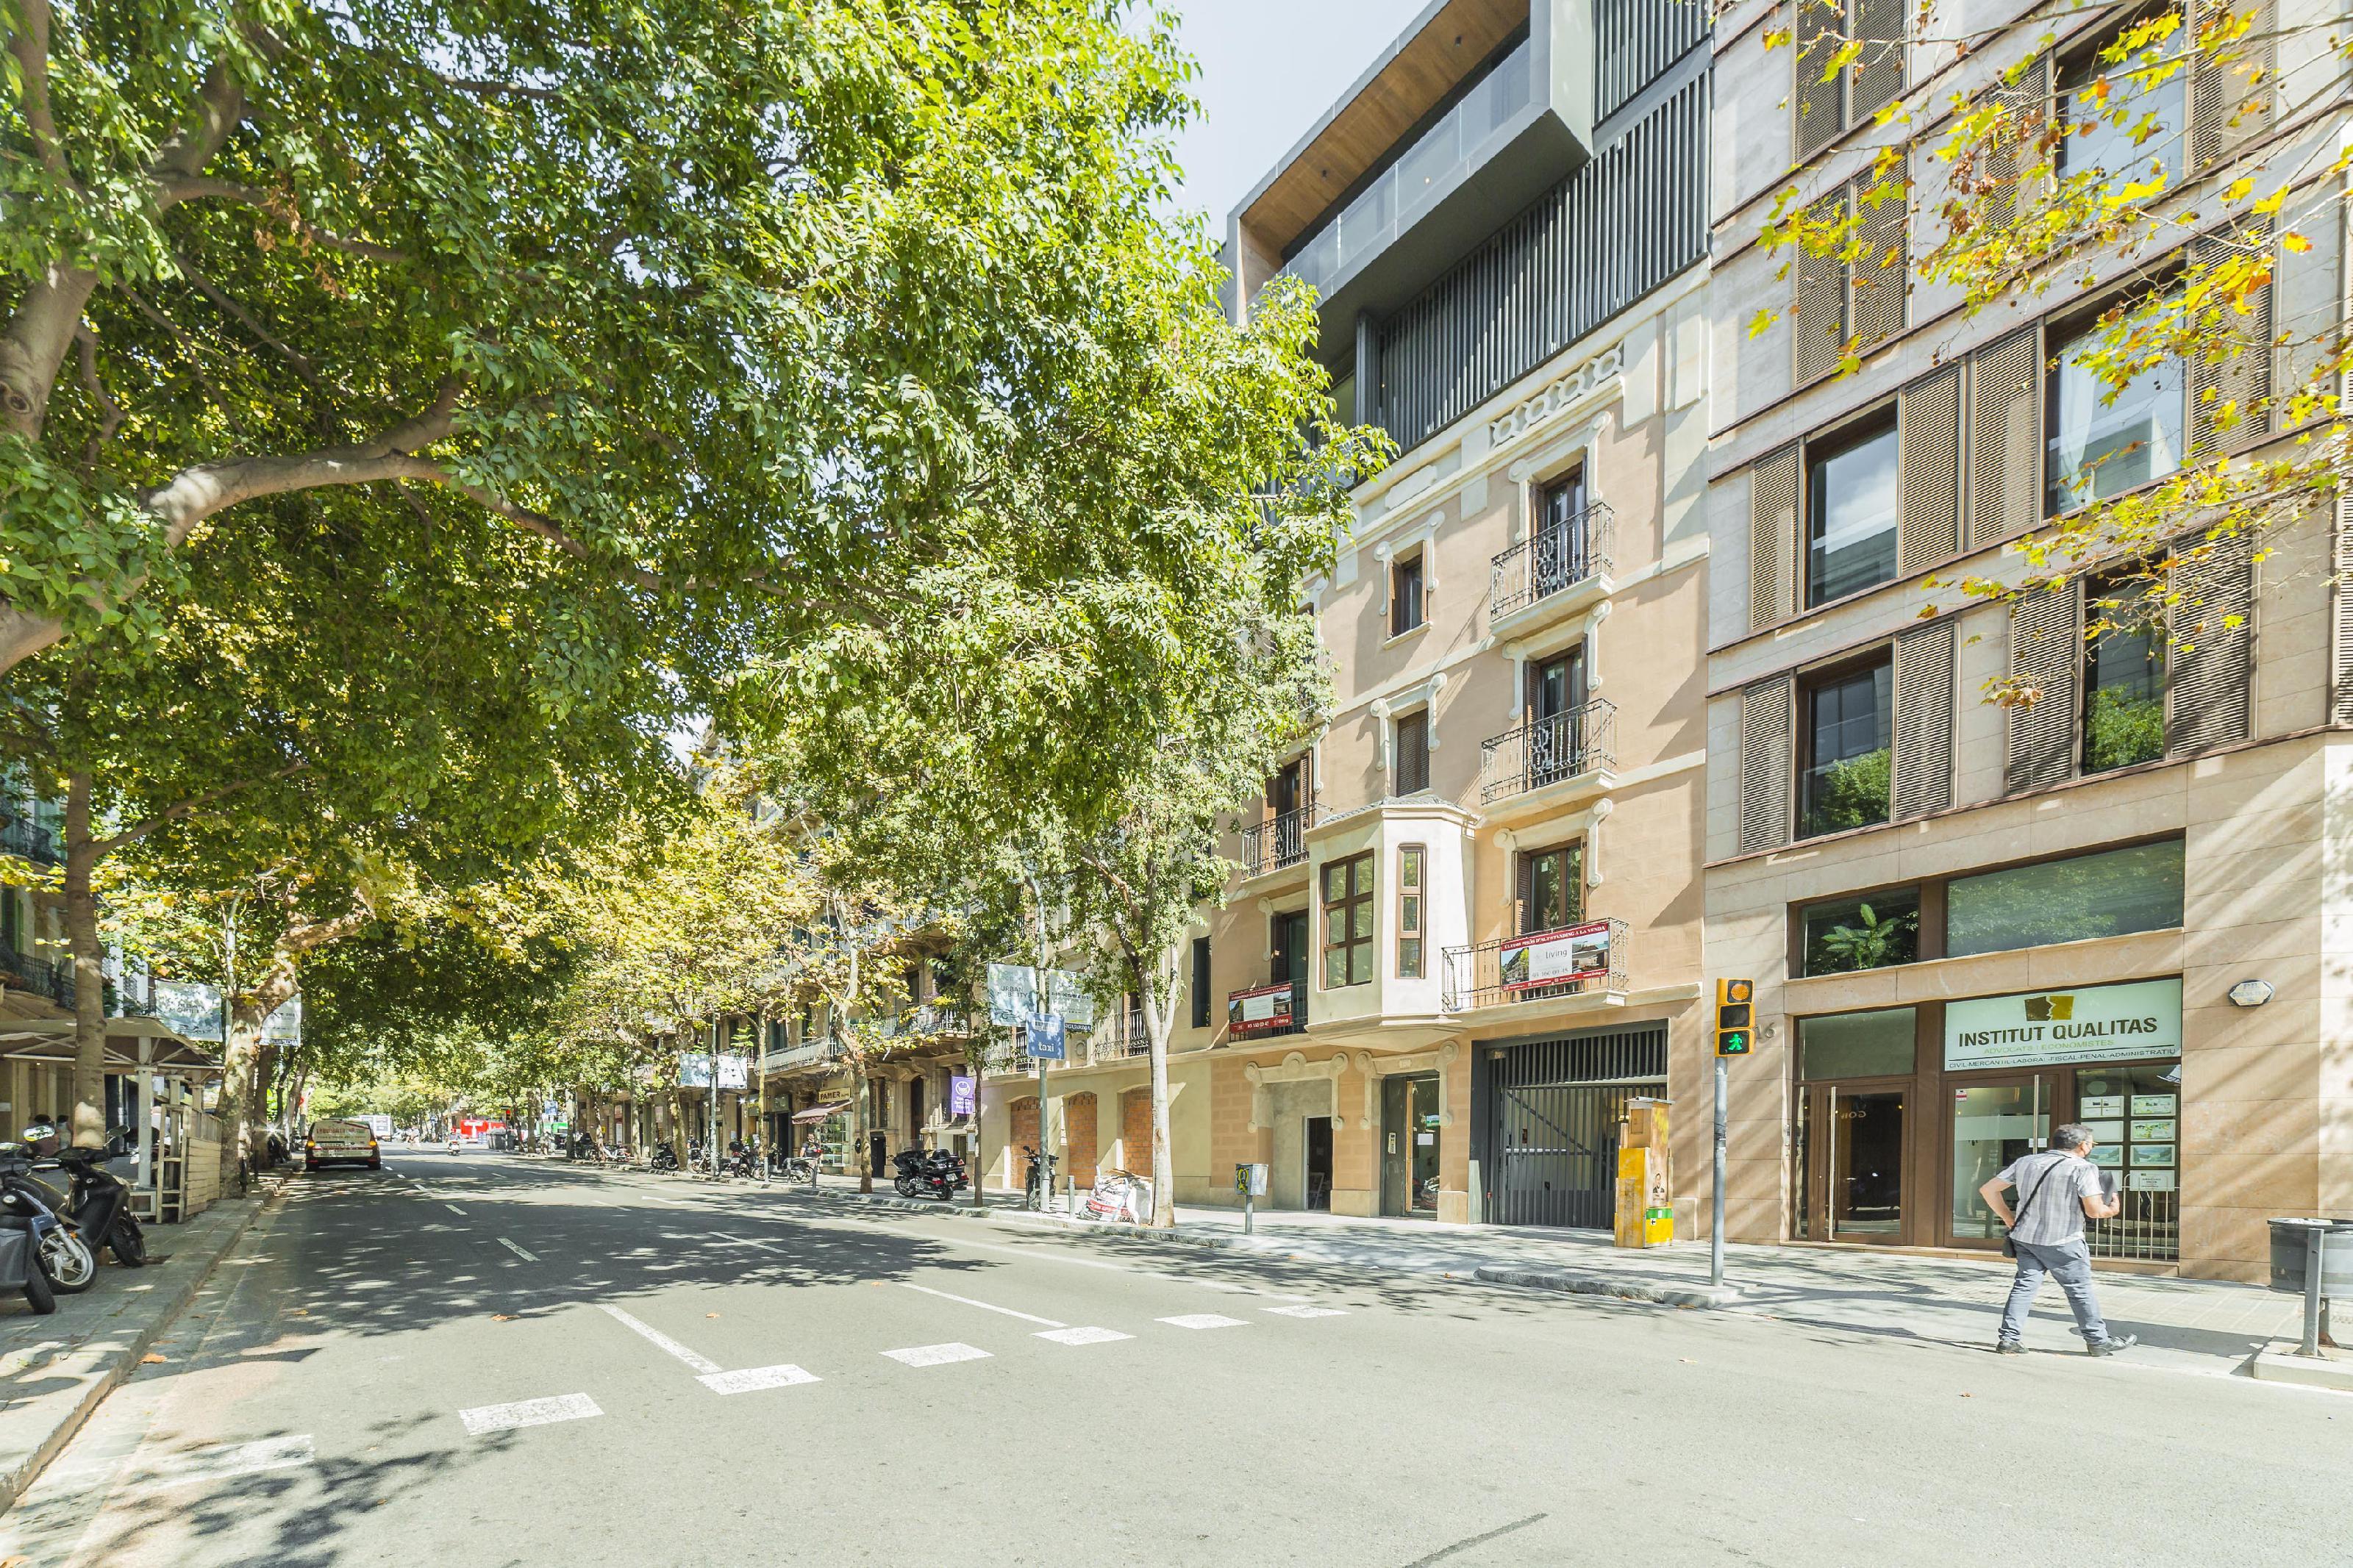 251949 Apartment for sale in Eixample, Antiga Esquerre Eixample 27